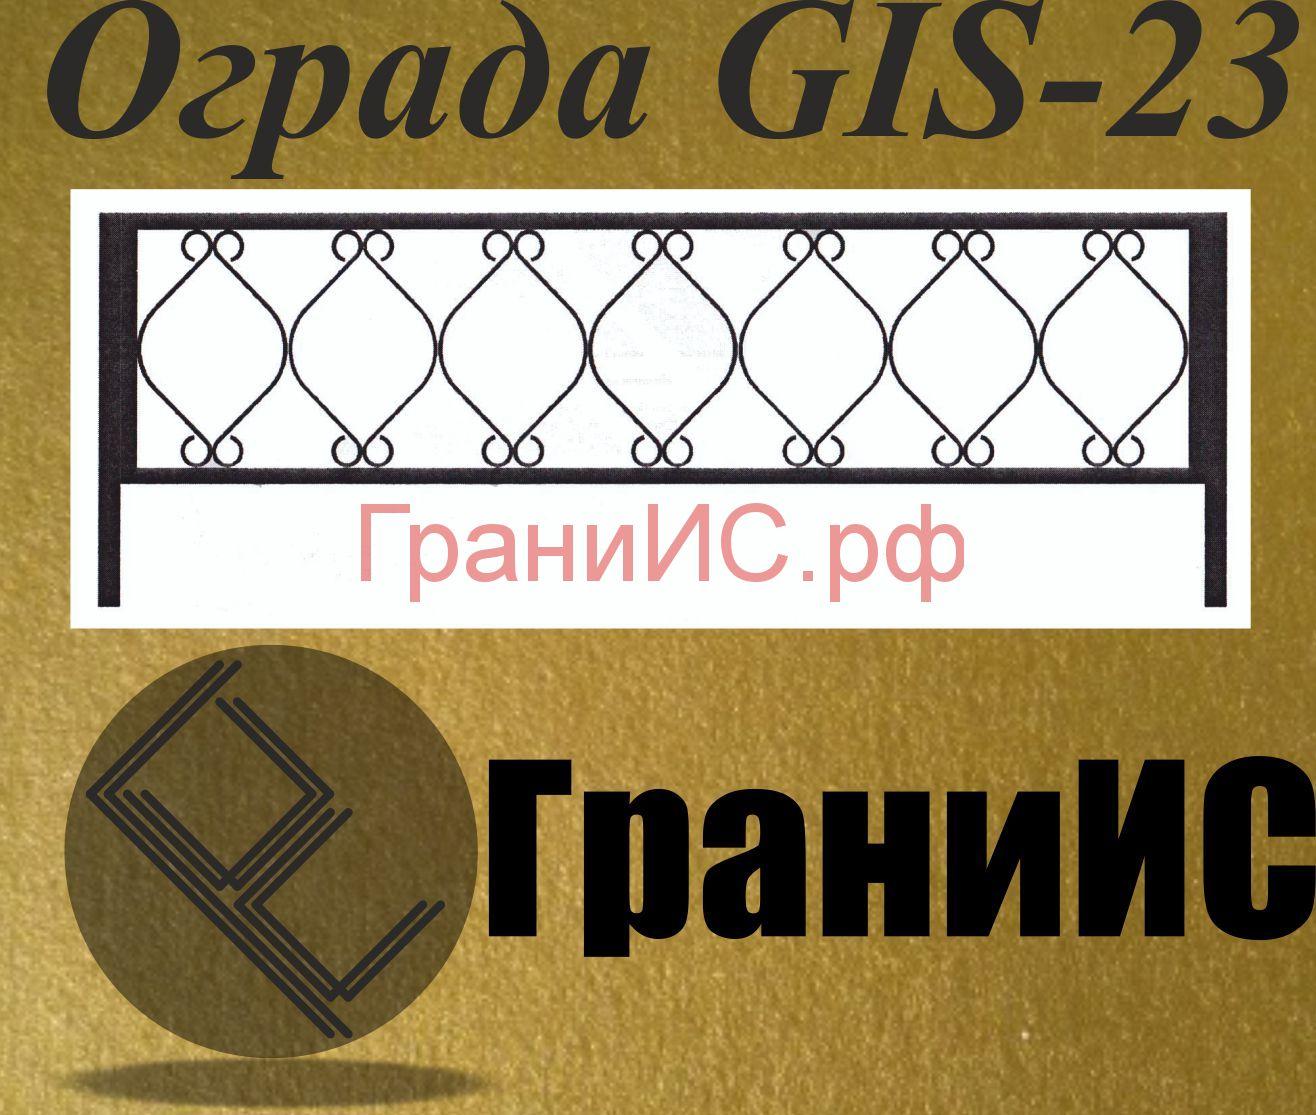 Ограда G - 23